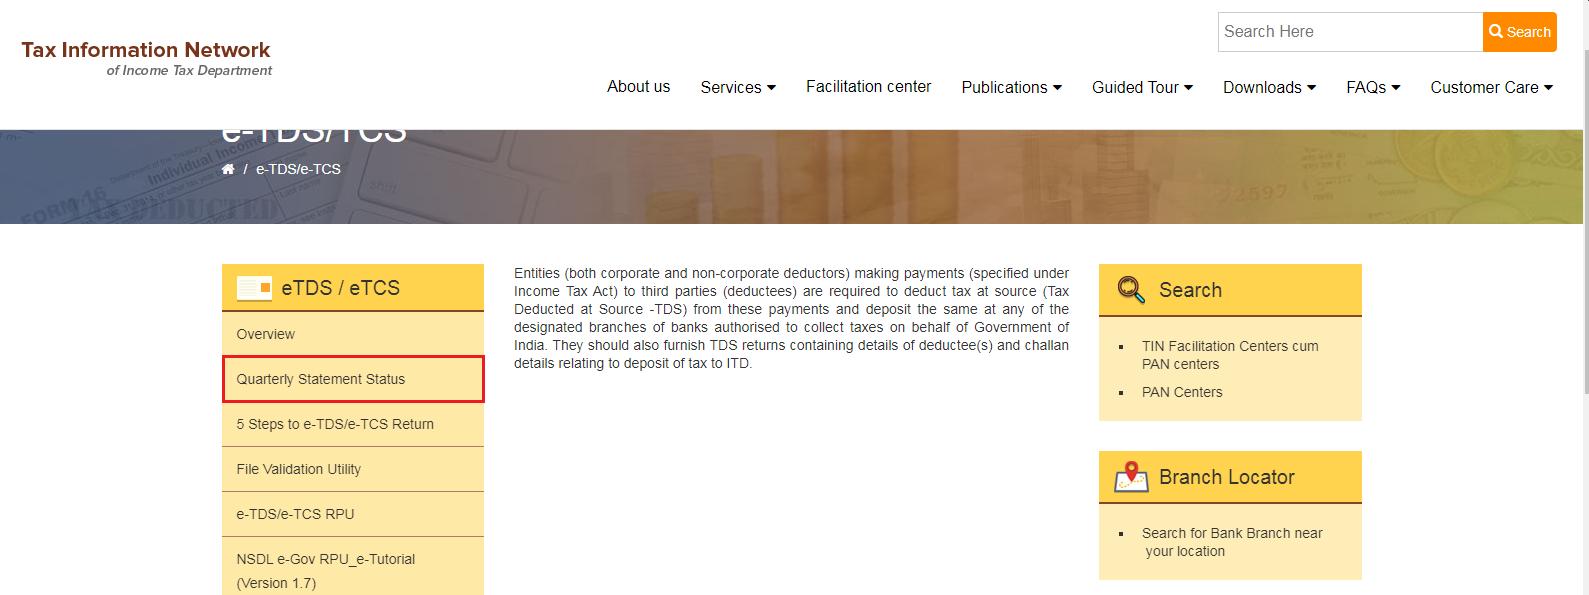 TIN-NSDL - eTDS or eTCS